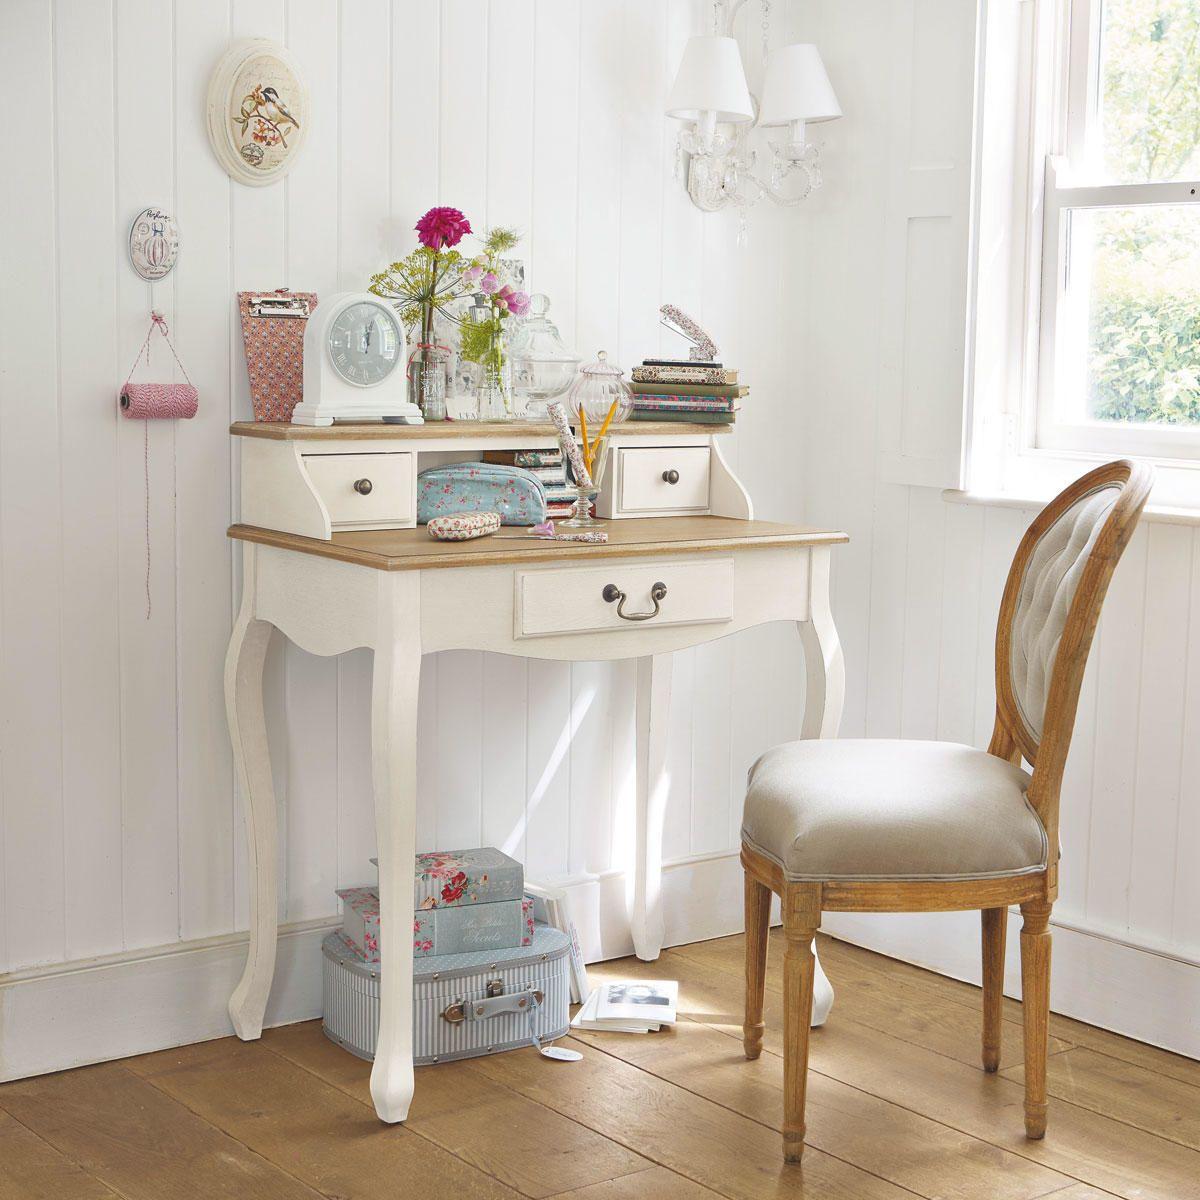 Scrivania secrétaire color crema | Idee per decorare la ...